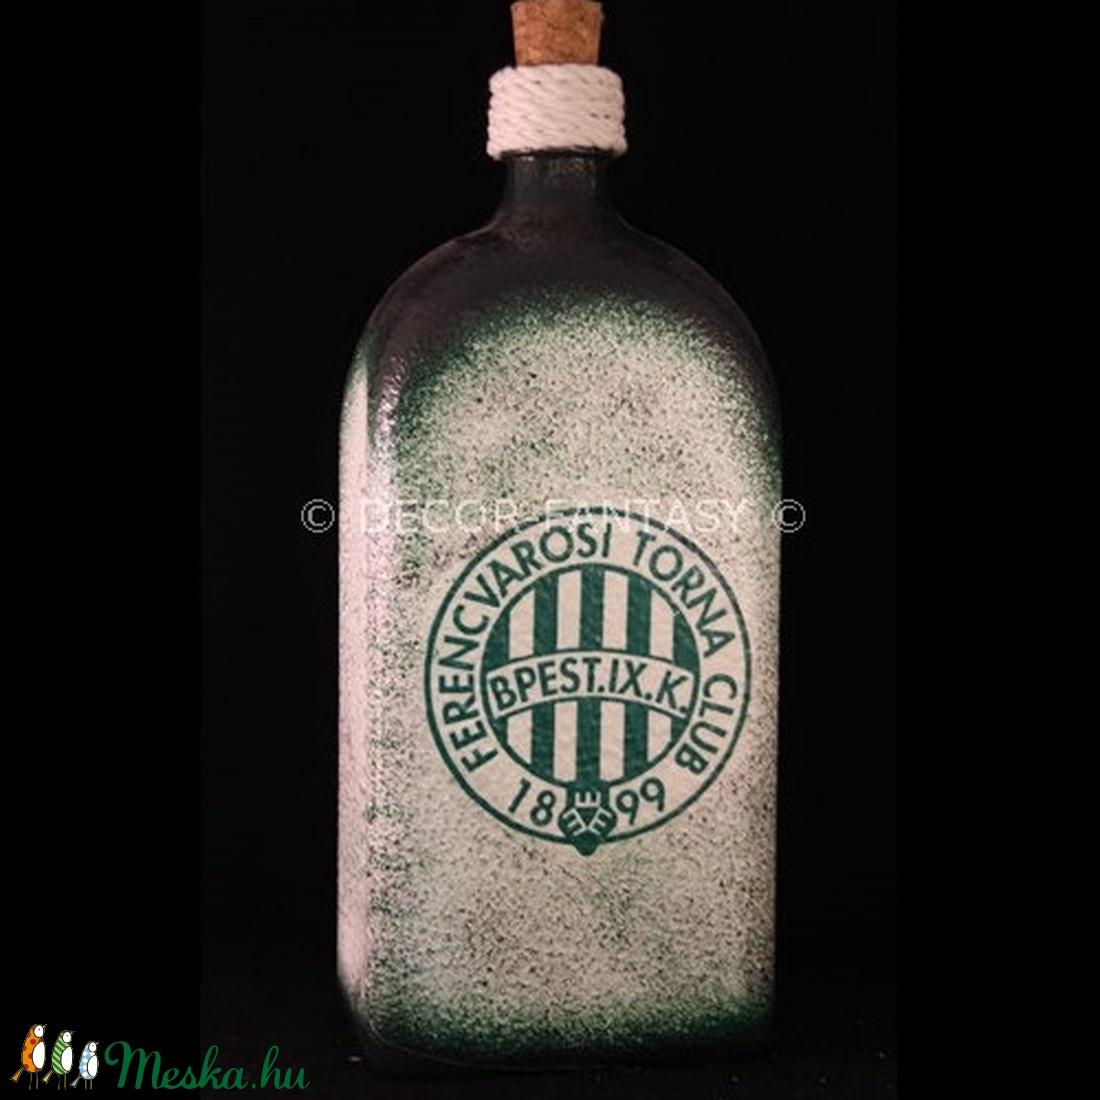 FTC pálinkás üveg ; FTC futball szurkolóknak (decorfantasy) - Meska.hu